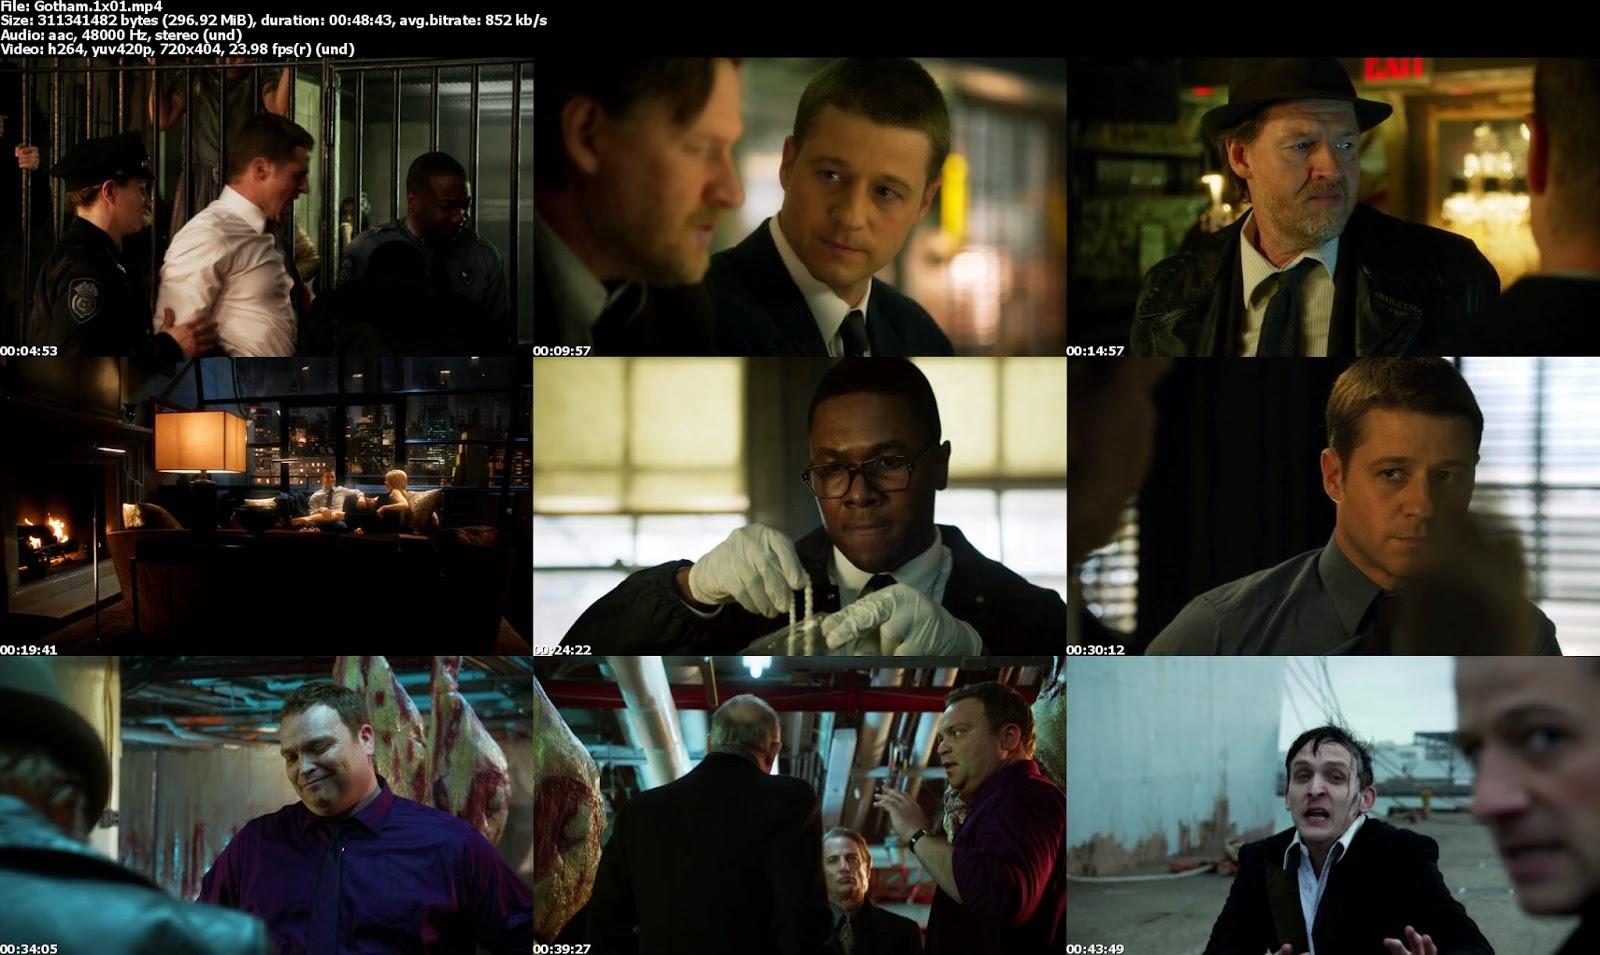 Gotham 1x01 2014 mega descargas Gotham temporada 3 espanol